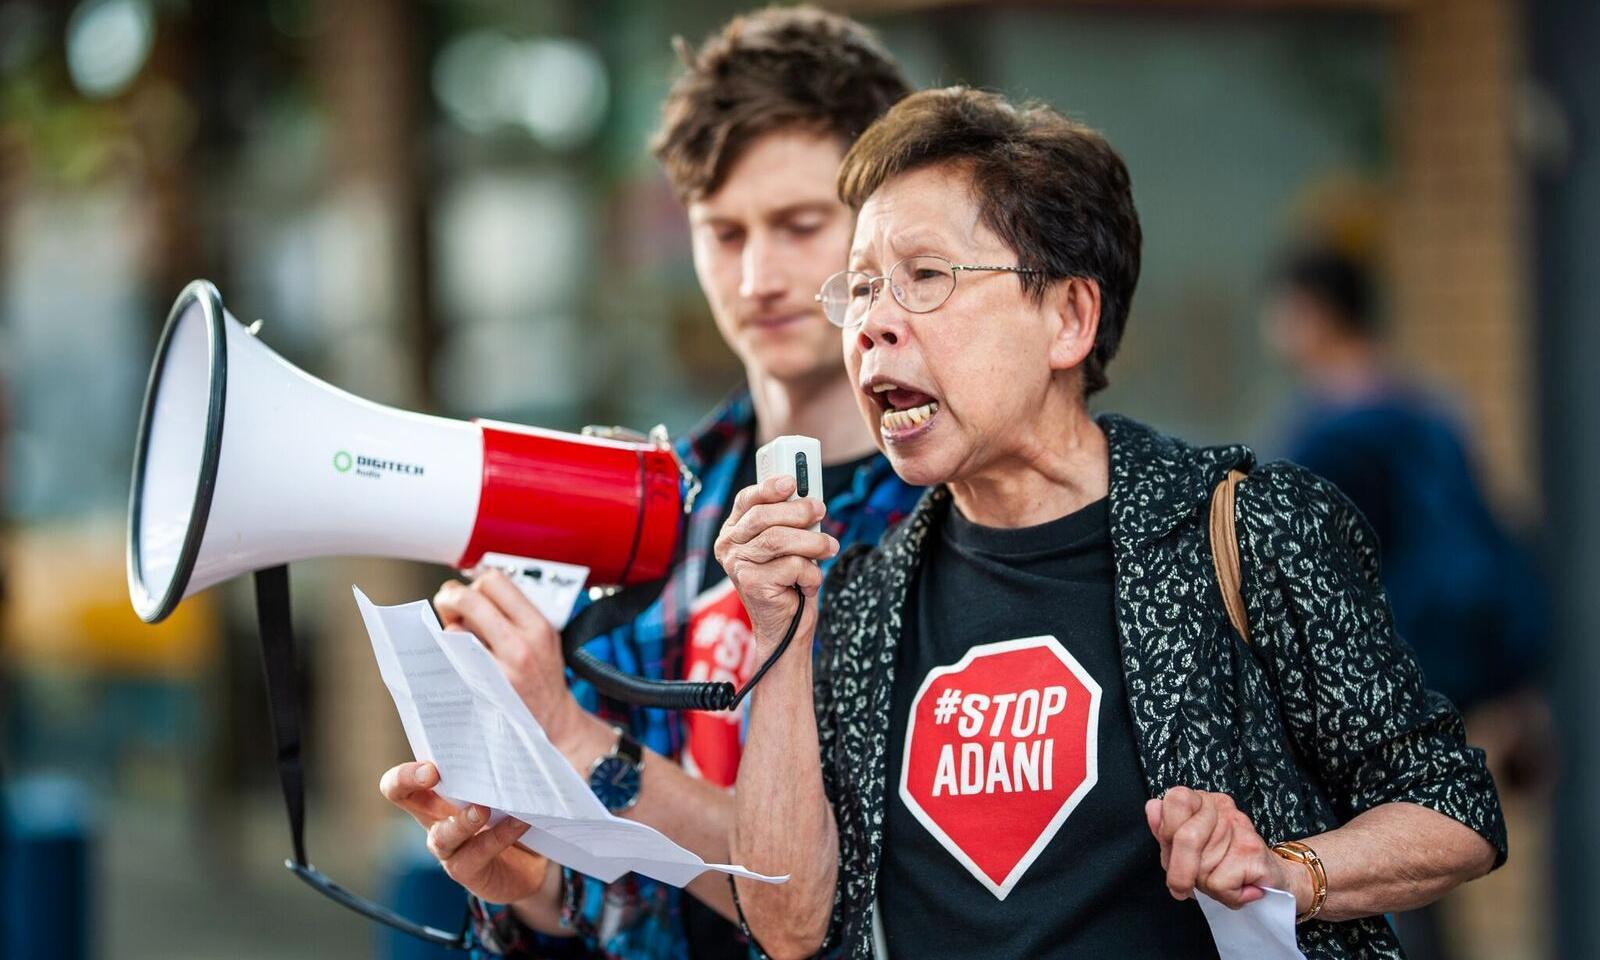 Warming world gets older, wiser, richer activists hot under the collar